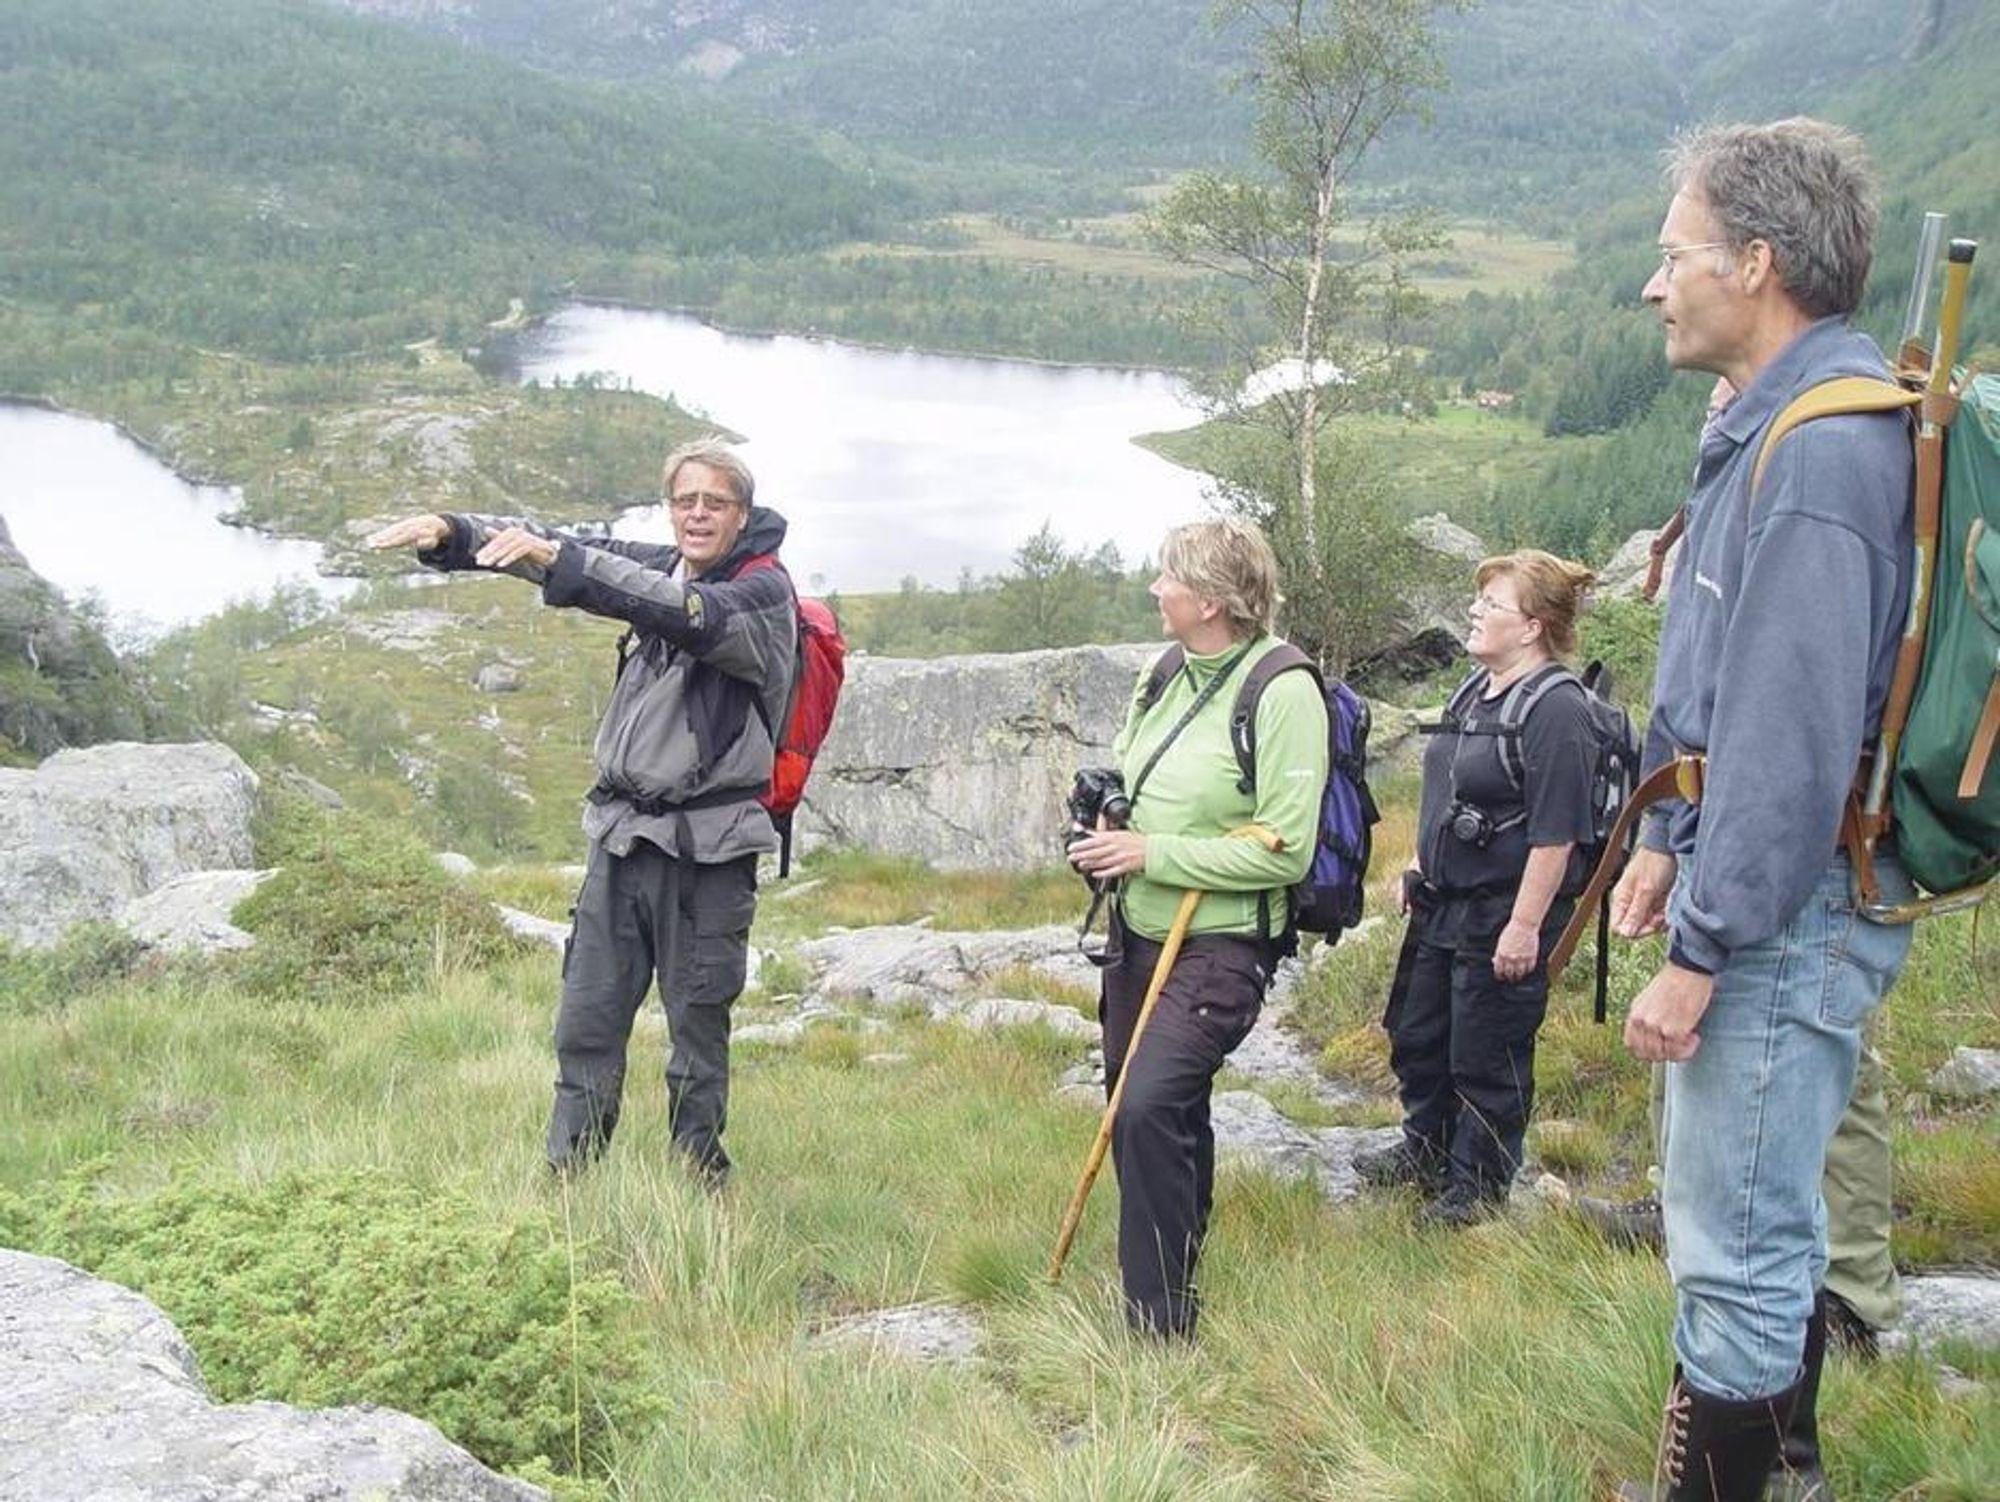 ENESTÅENDE: Professor Henning Dypvik (t.v.) og Fridtjof Riis (t.h.) sammen med to ansatte i Hjelmeland kommune er her på vei opp Svodne, og ser ned til bunnen i krateret.